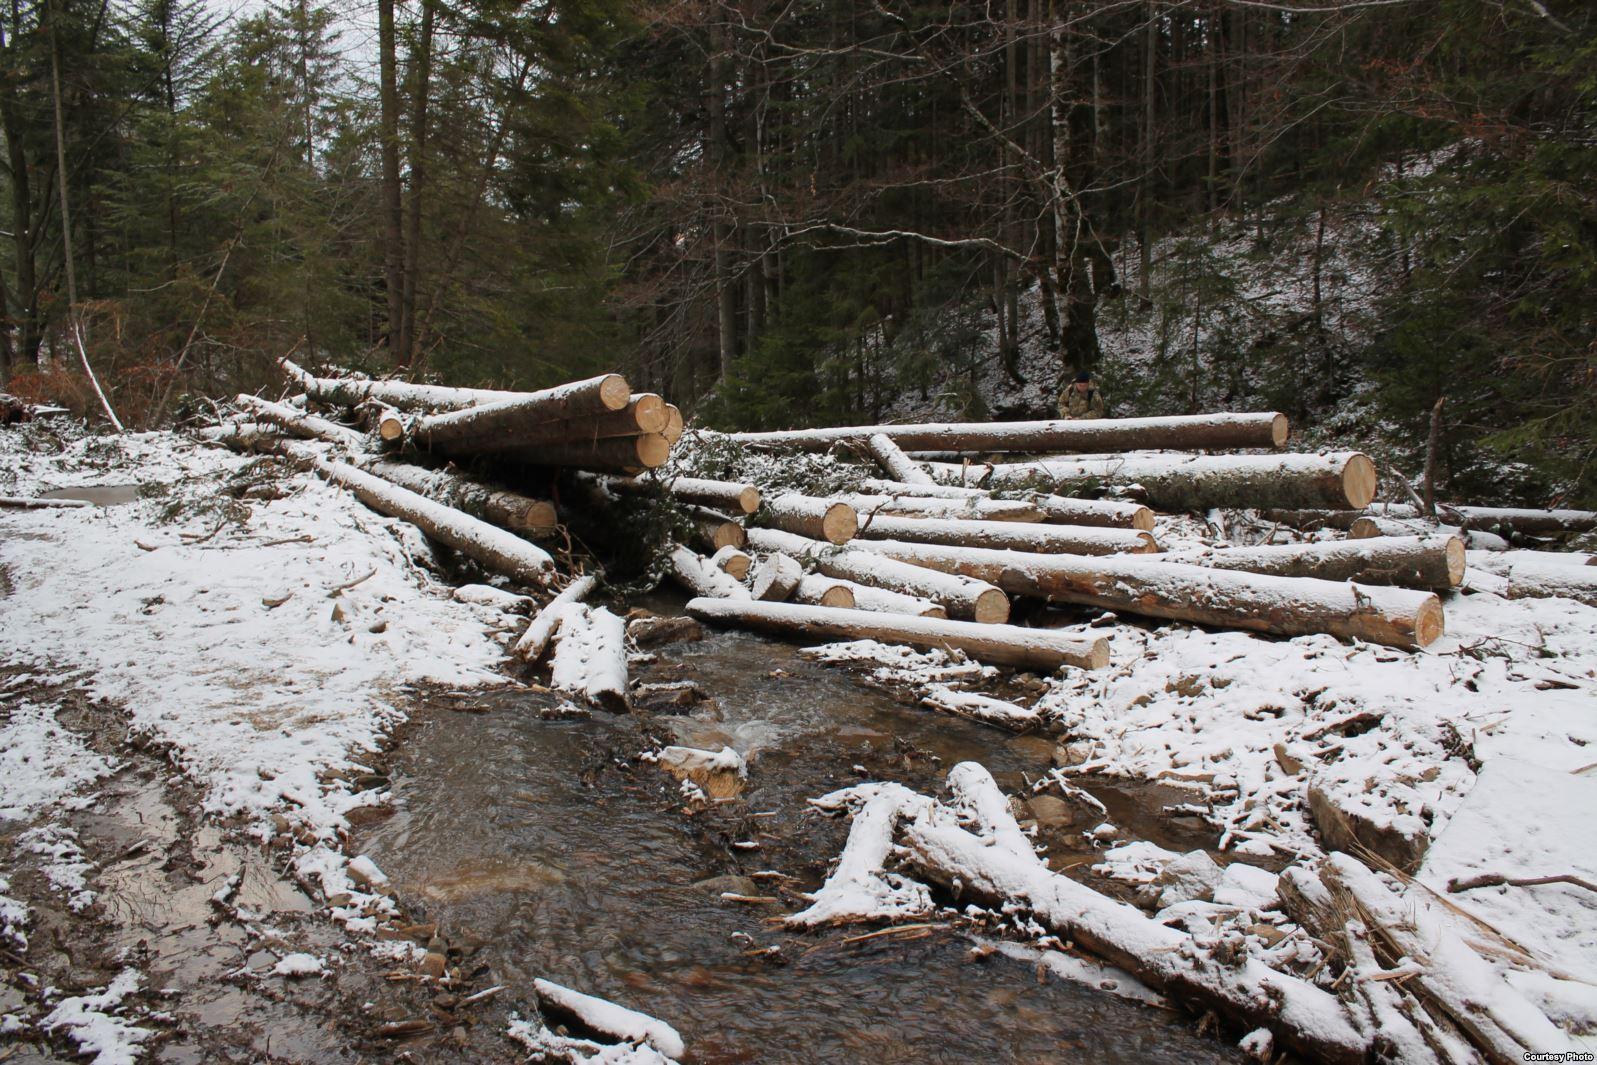 На Закарпатті за незаконні рубки на понад 1,6 млн гривень судитимуть майстра лісу. Про це повідомляє речниця Закарпатської прокуратури Катерина Хижняк.